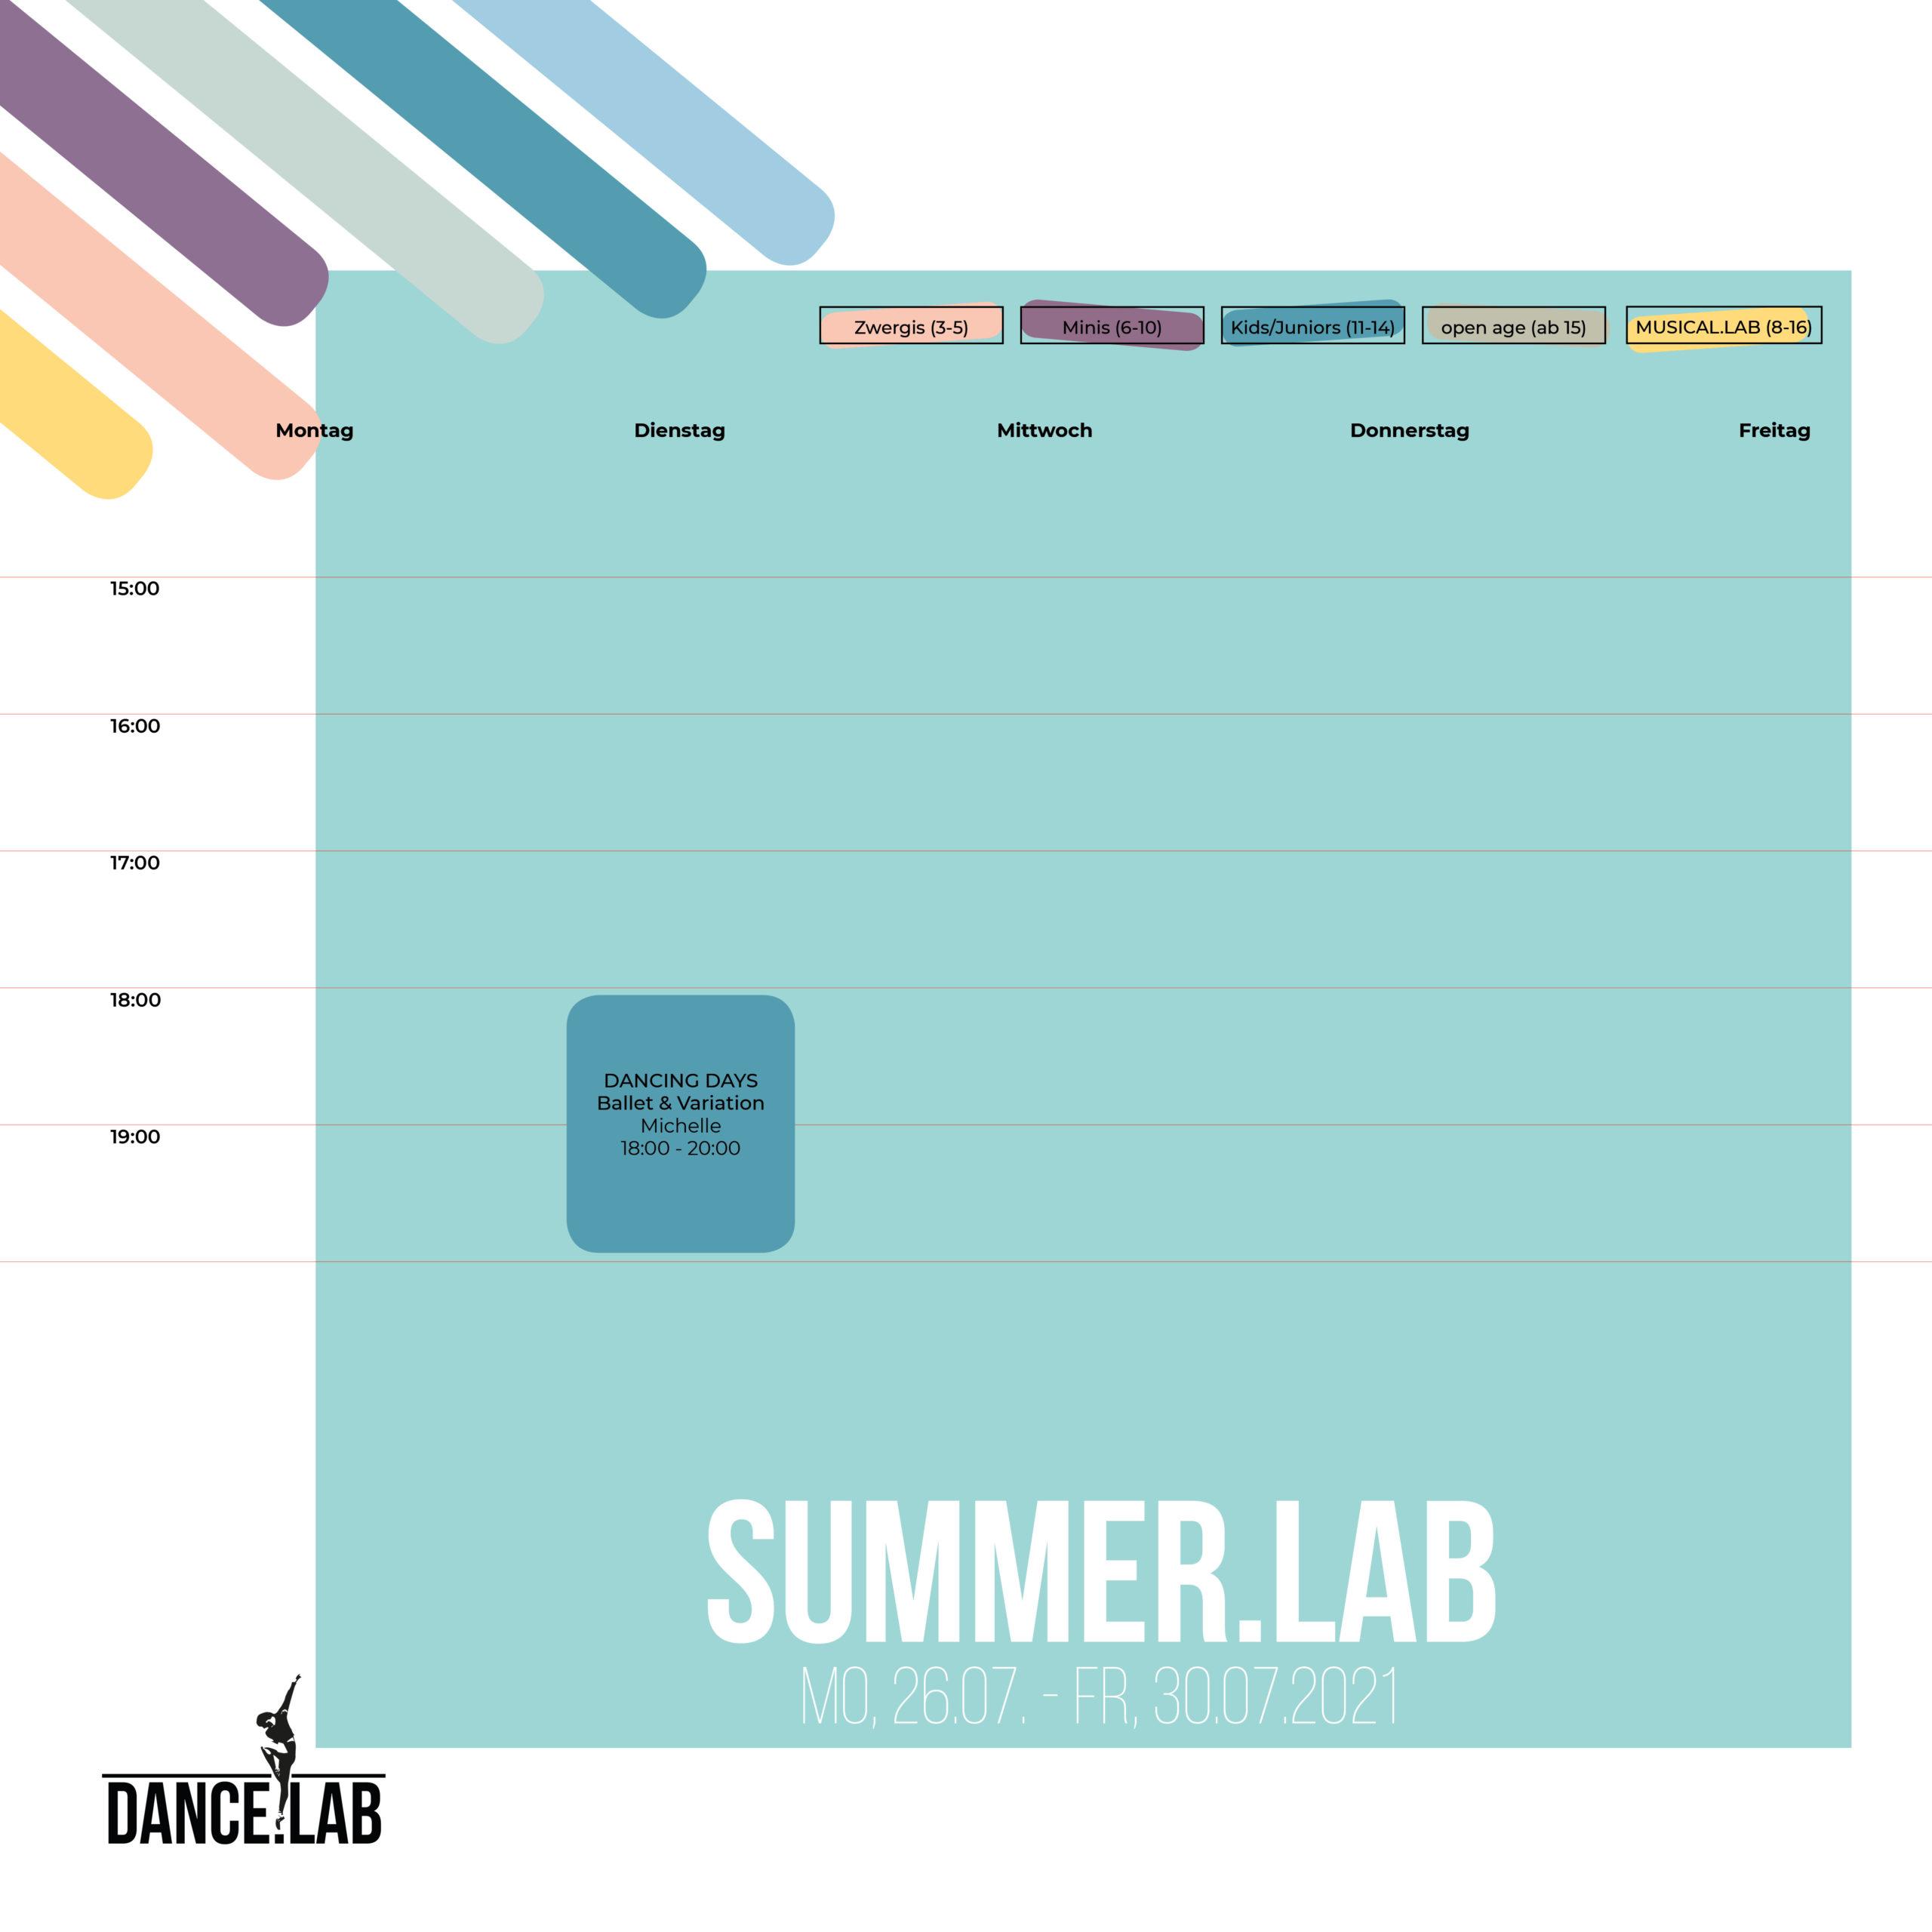 SUMMER.LAB - Woche 3